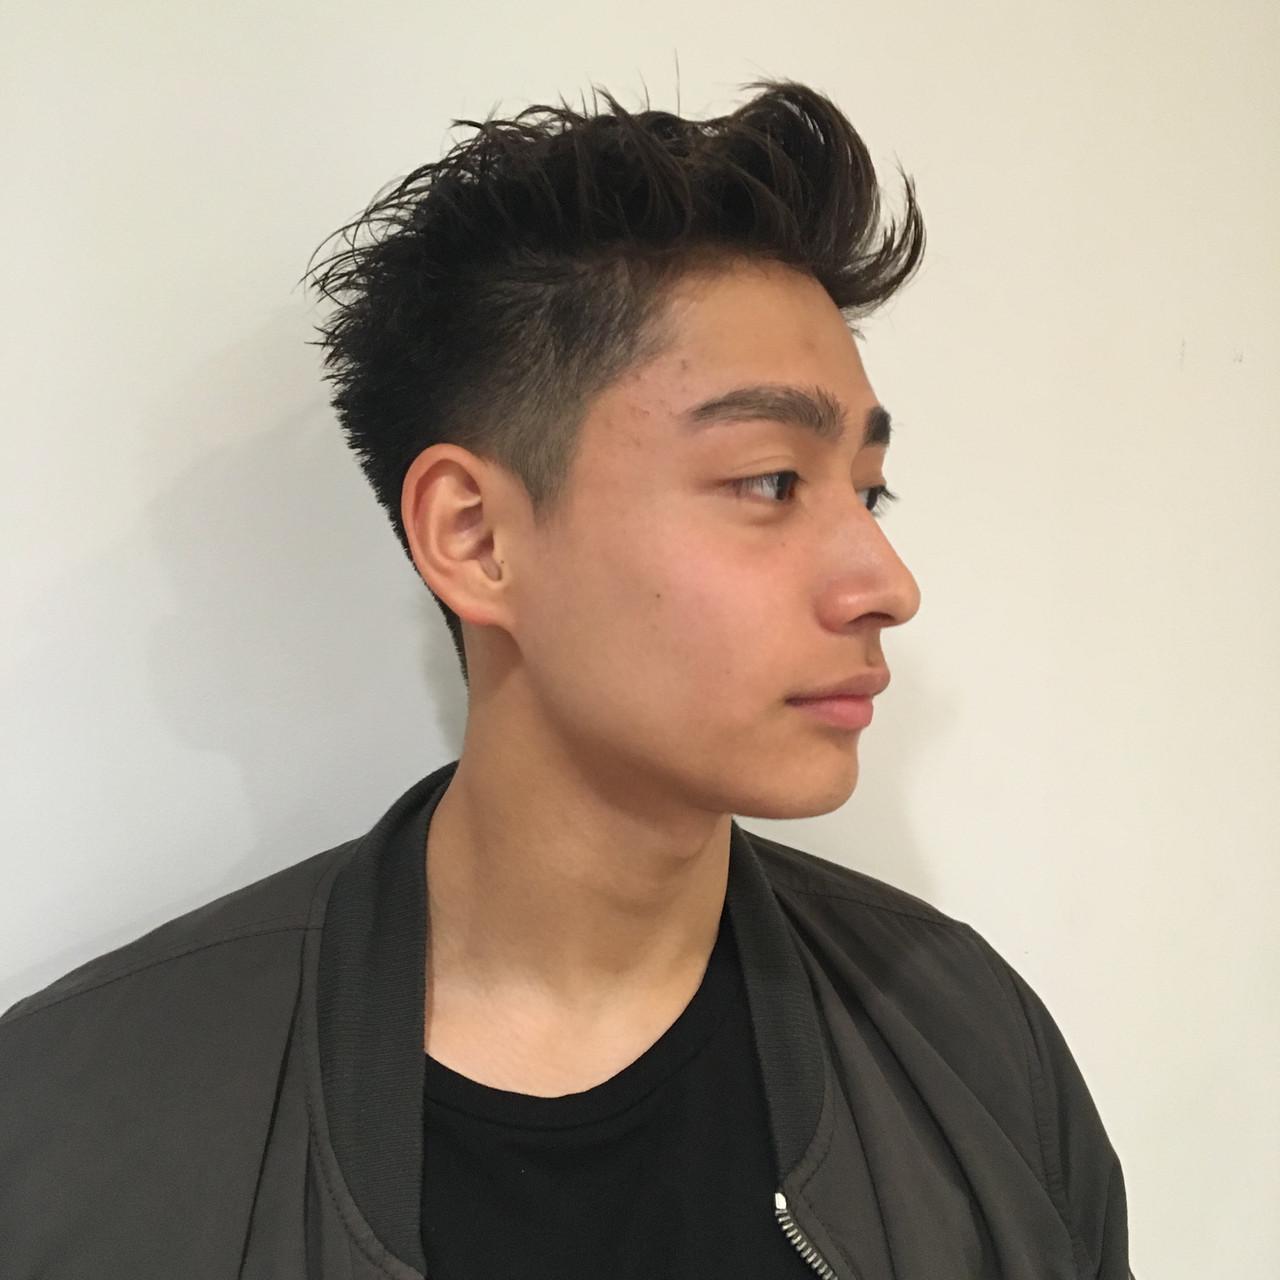 ショート 大学生 メンズヘア メンズカット ヘアスタイルや髪型の写真・画像